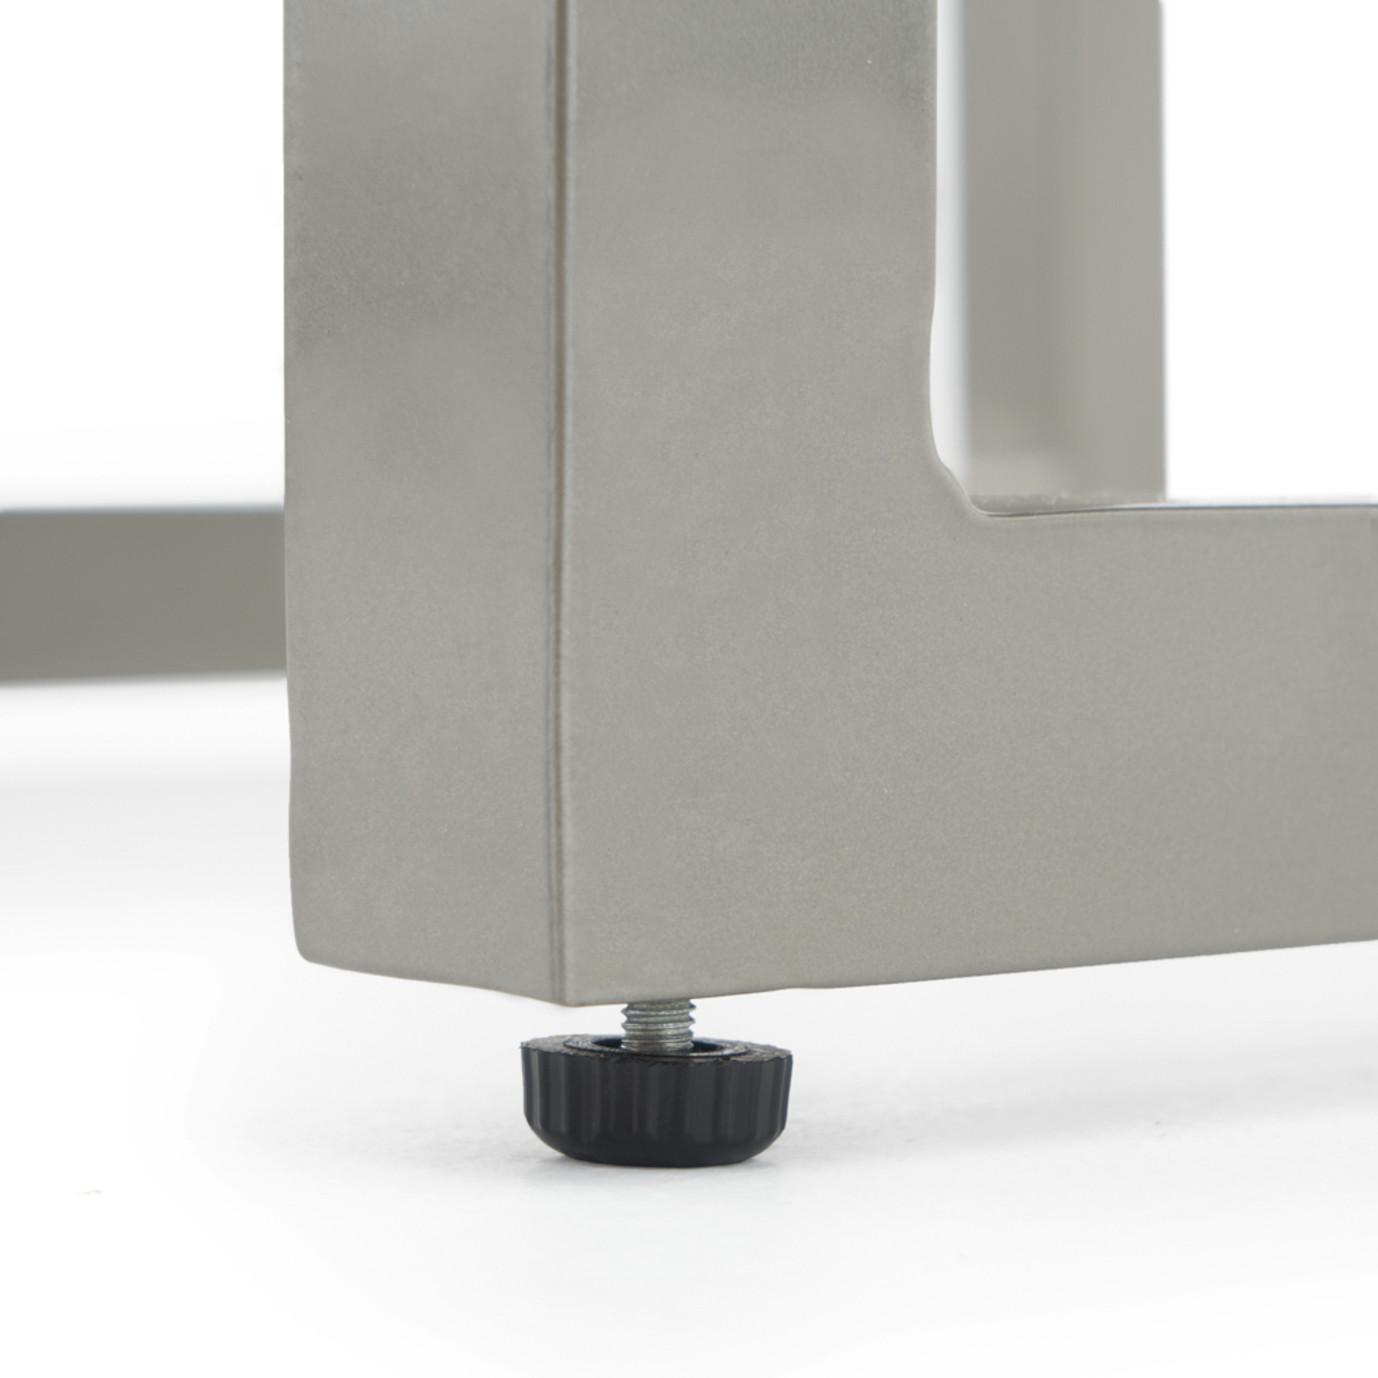 Milo™ Espresso 18pc Estate Set - Charcoal Gray